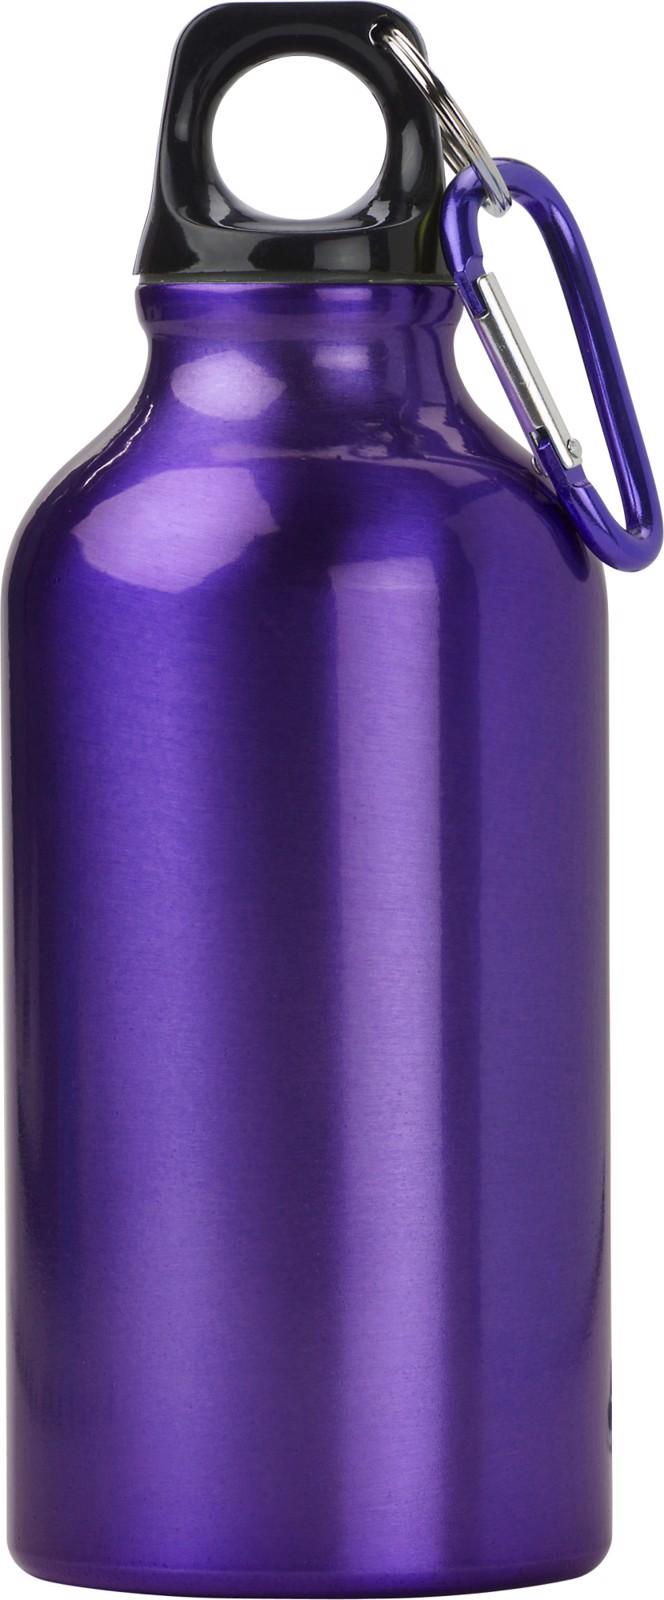 Aluminium bottle - Purple